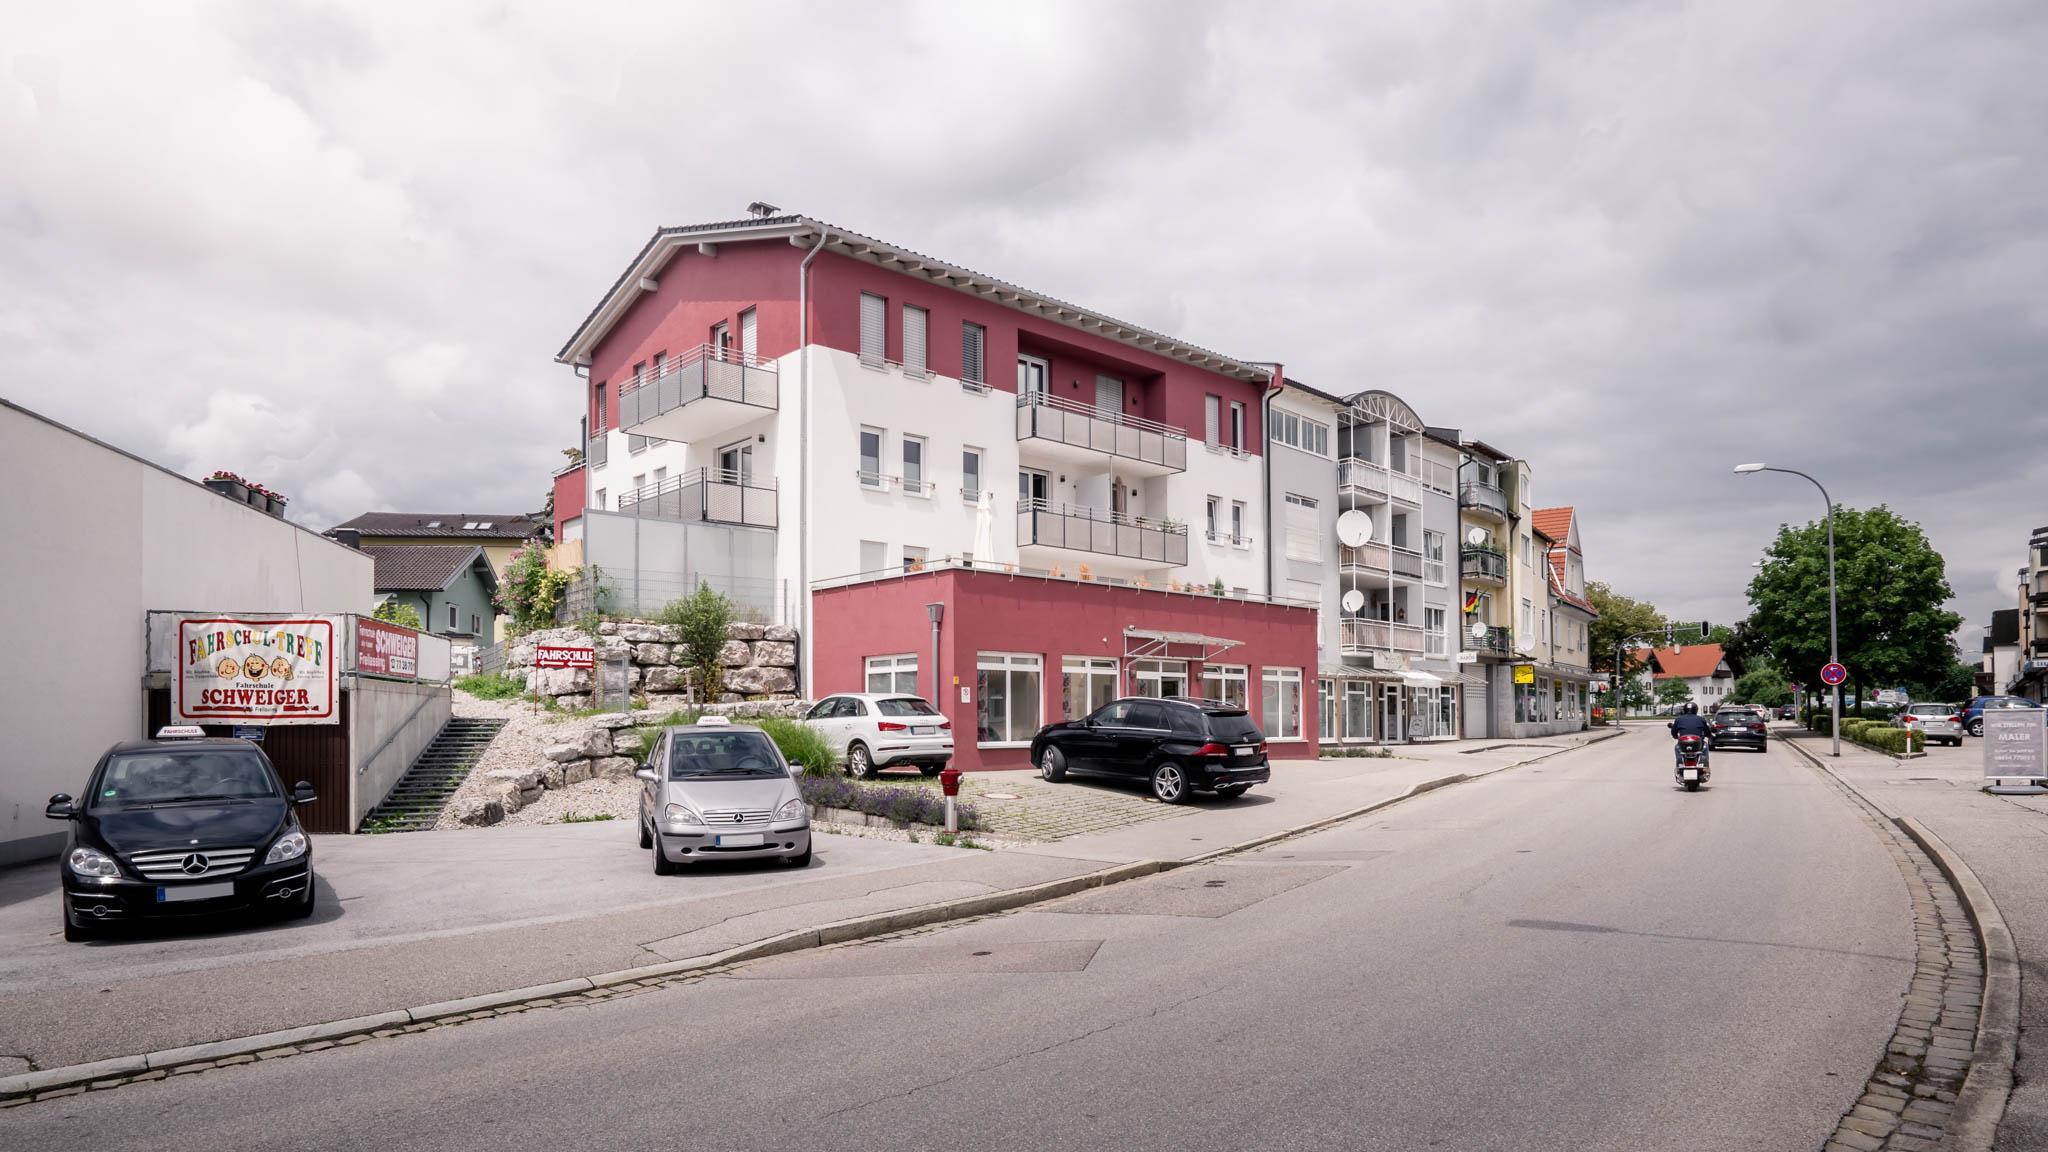 portfolio-bauunternehmen-fuch-mehrfamilienhaus-geschäftsräume-freilassing-1.jpg